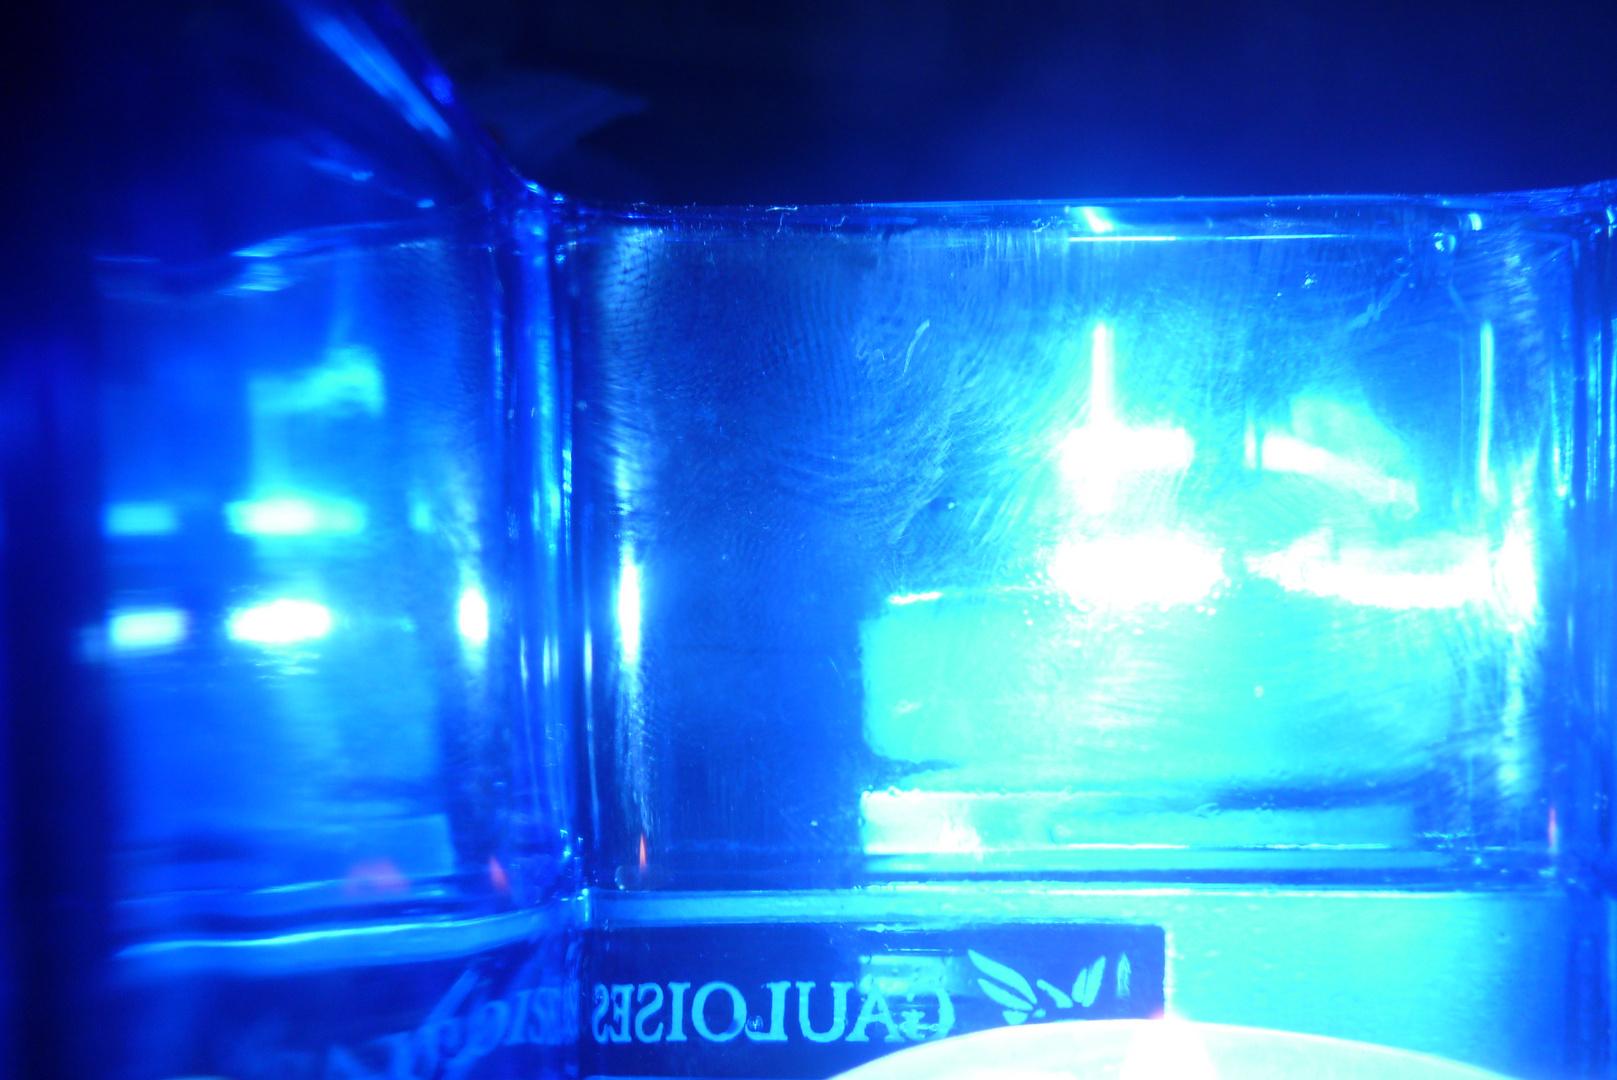 Blau - nichts als blau